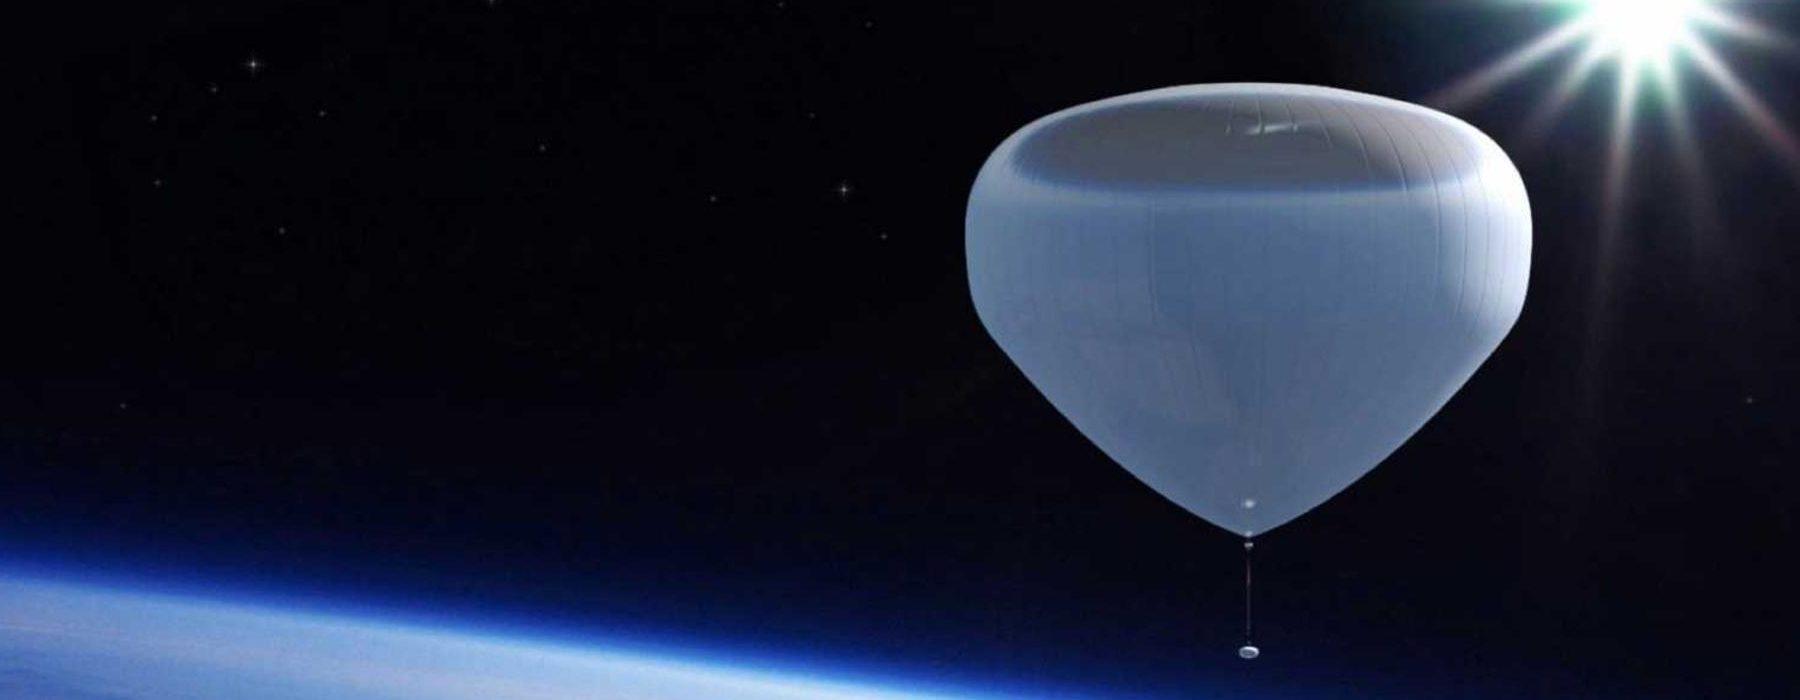 La NASA empleará un globo de 150 metros de diámetro para estudiar las estrellas